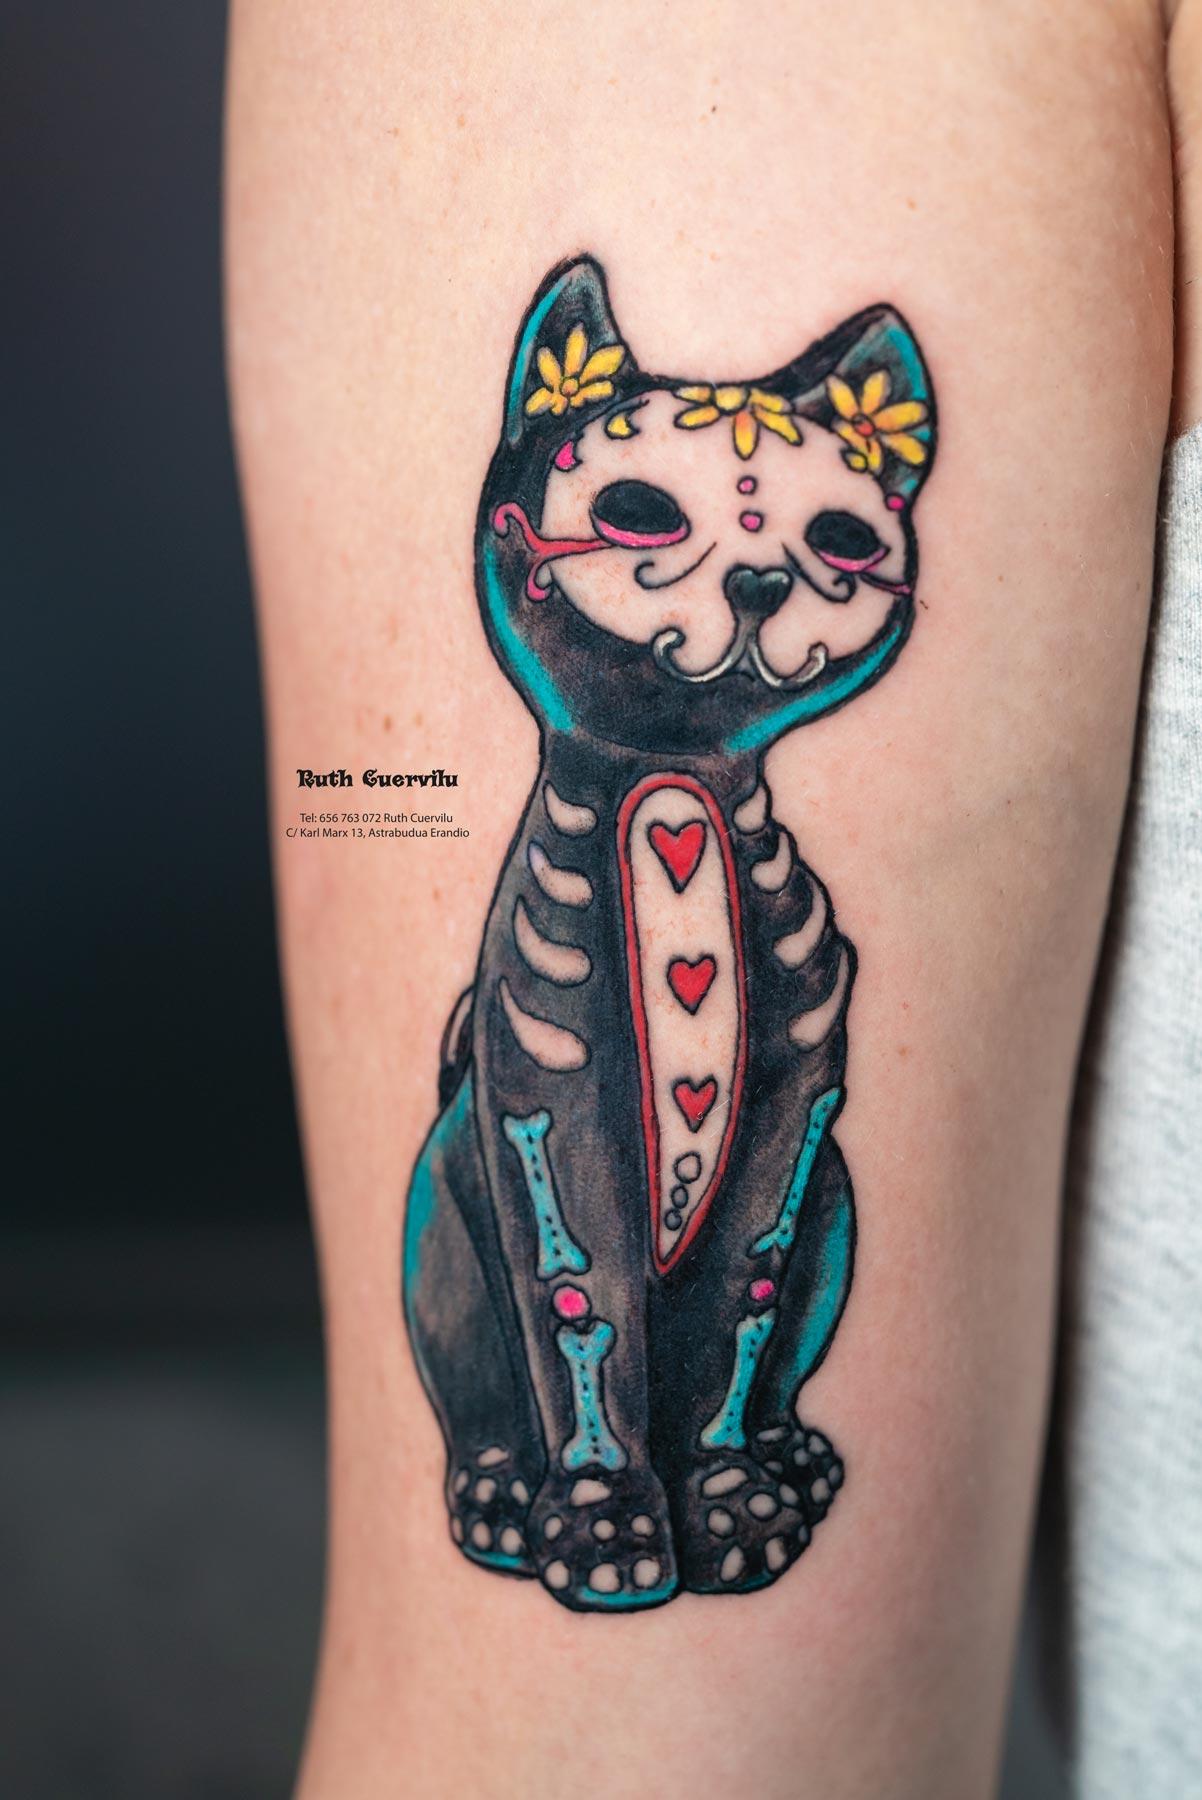 Tatuaje Gatos Catrina Aizea - Ruth Cuervilu Tattoo - KM13 Studio - Estudio de tatuajes en Astrabudua Erandio Getxo, Bilbao Bizkaia Basauri barakaldo portugalete leioa